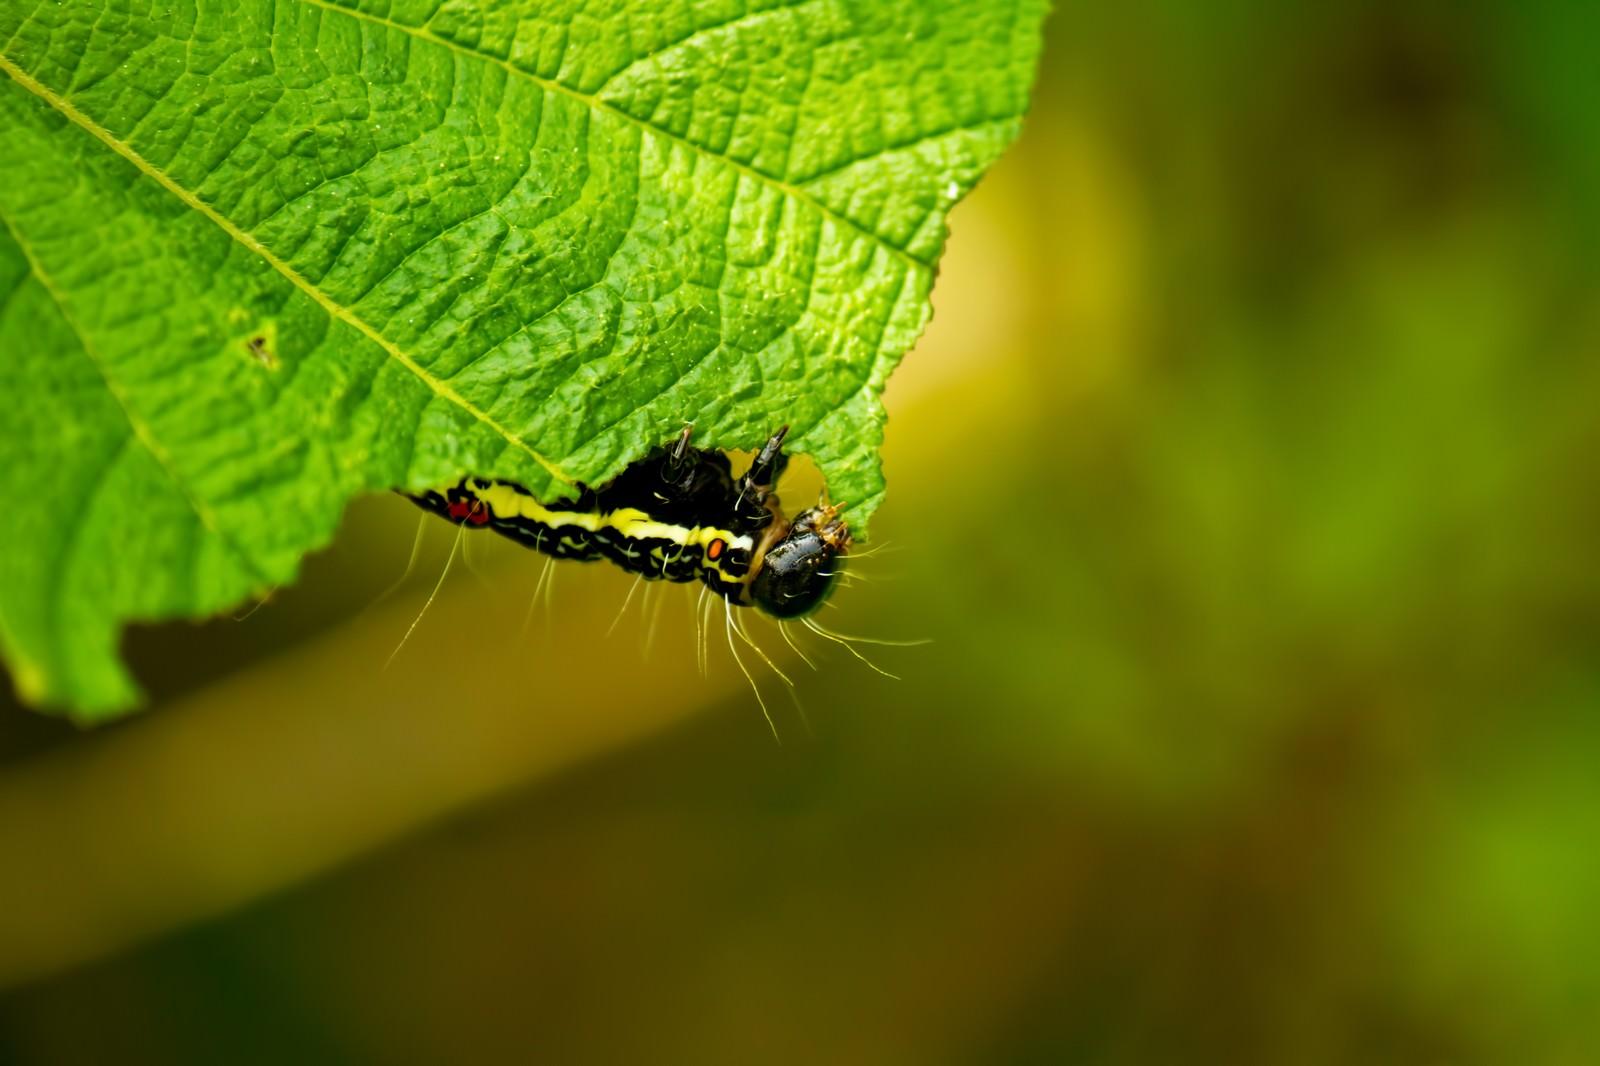 「[虫注意]葉を食べる毛虫」の写真